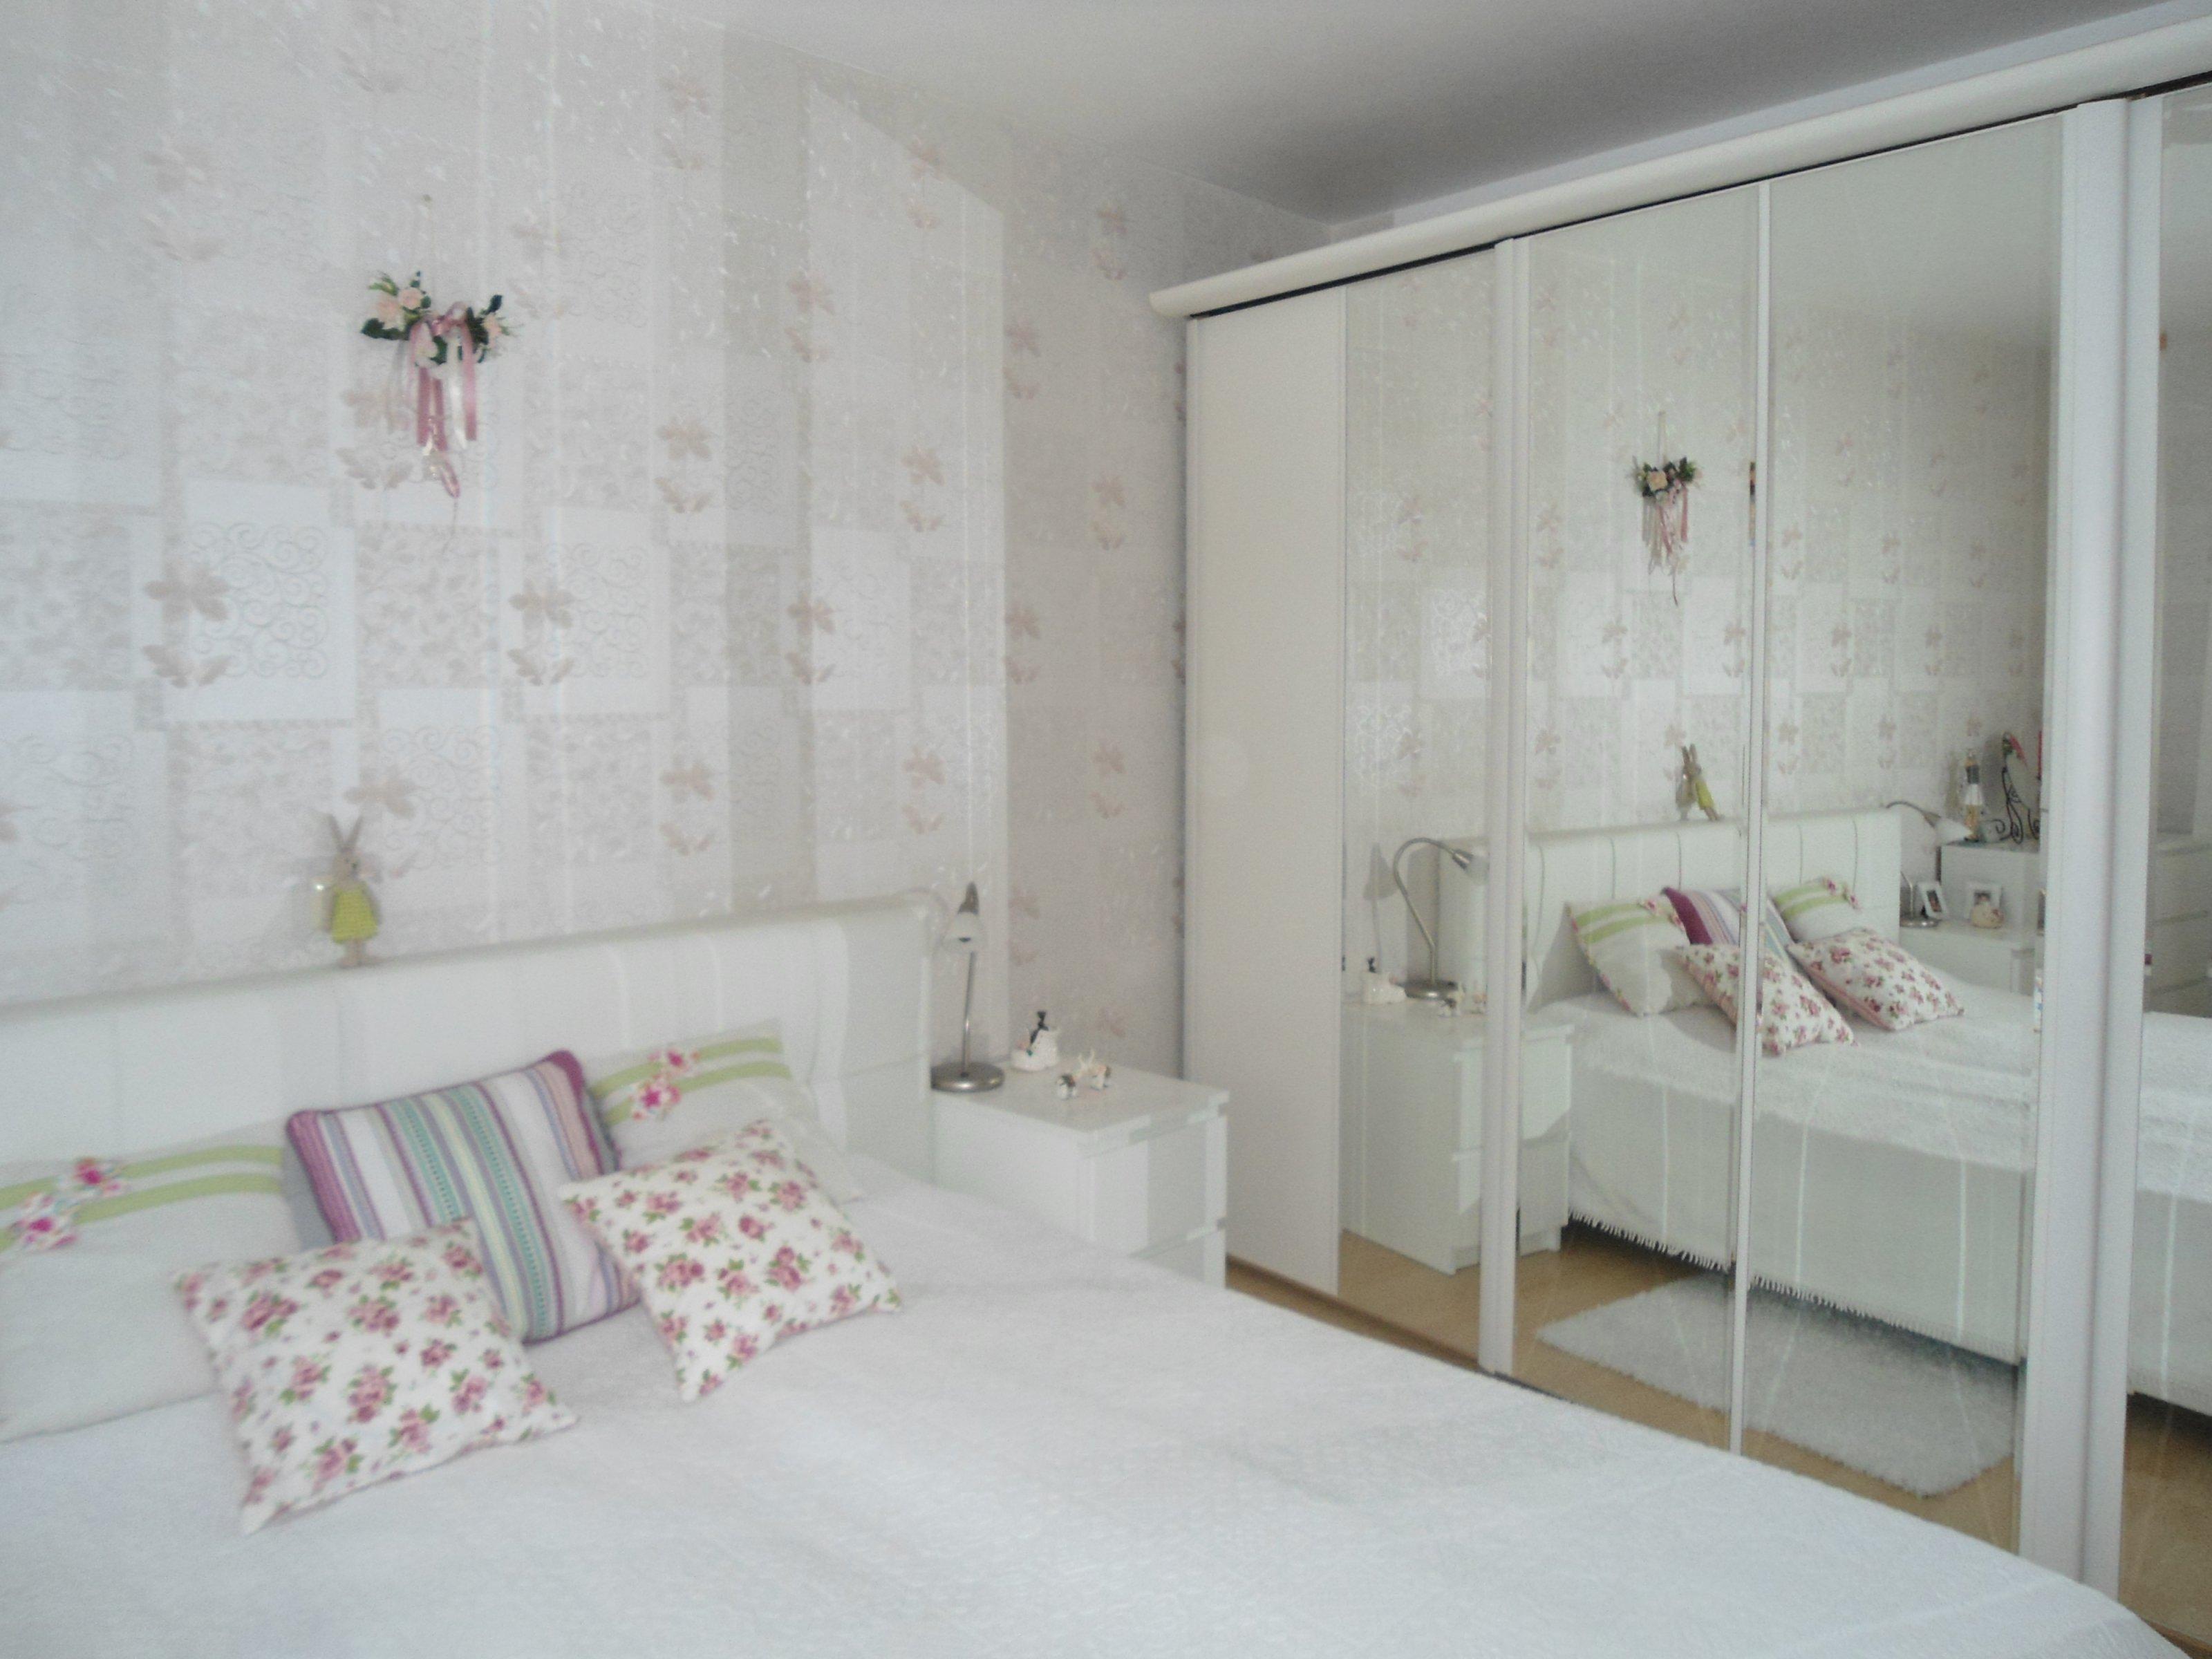 Schlafzimmer 39 mein schlafzimmer 39 unser heim zimmerschau - Mein schlafzimmer ...